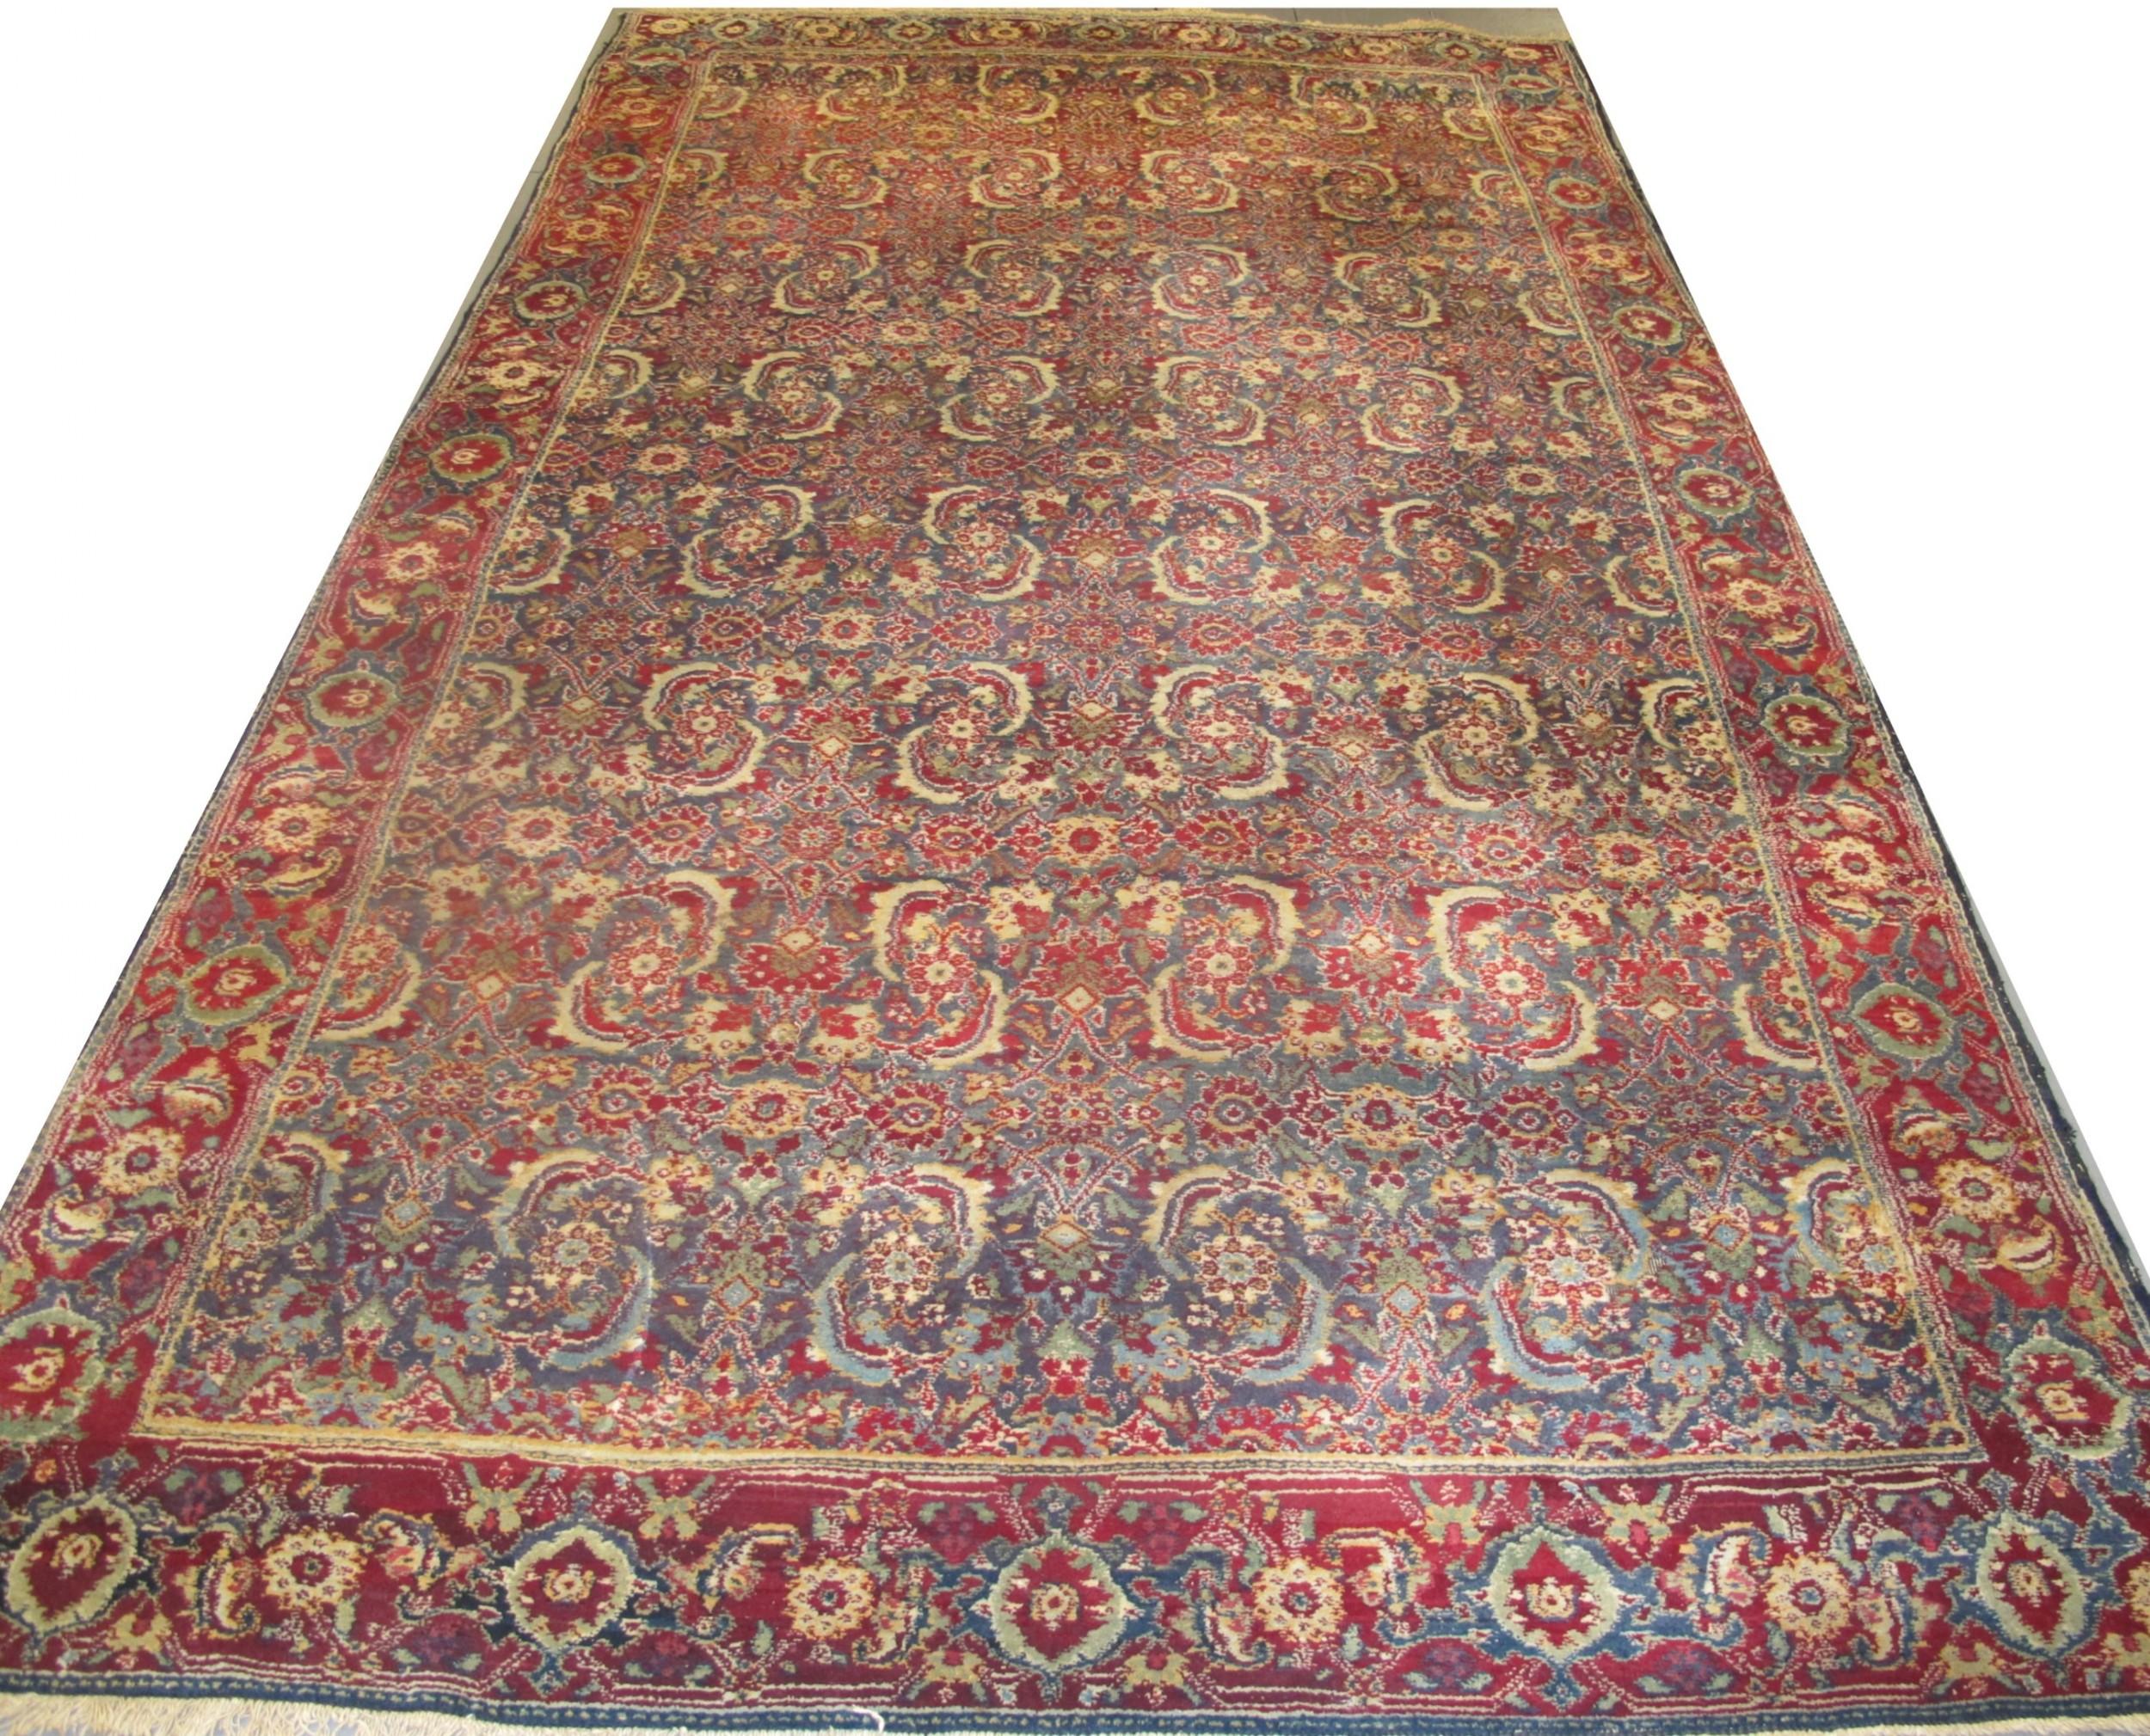 agra carpet 293m x 167m 9'8 x 5'5 circa 1890